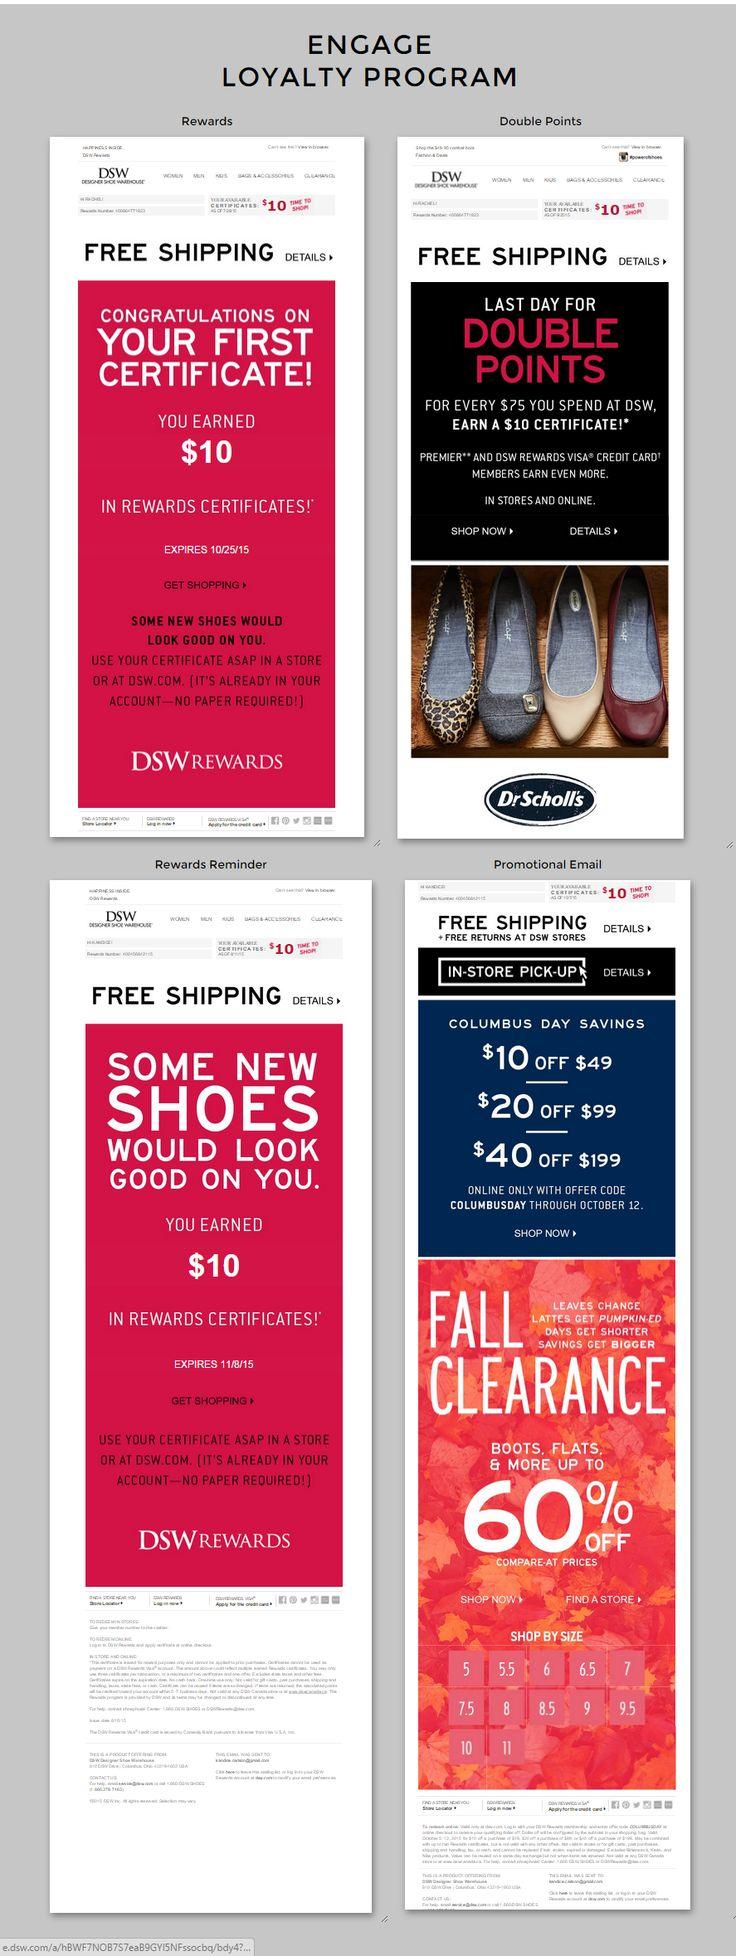 428 best email swipe file images on pinterest email. Black Bedroom Furniture Sets. Home Design Ideas